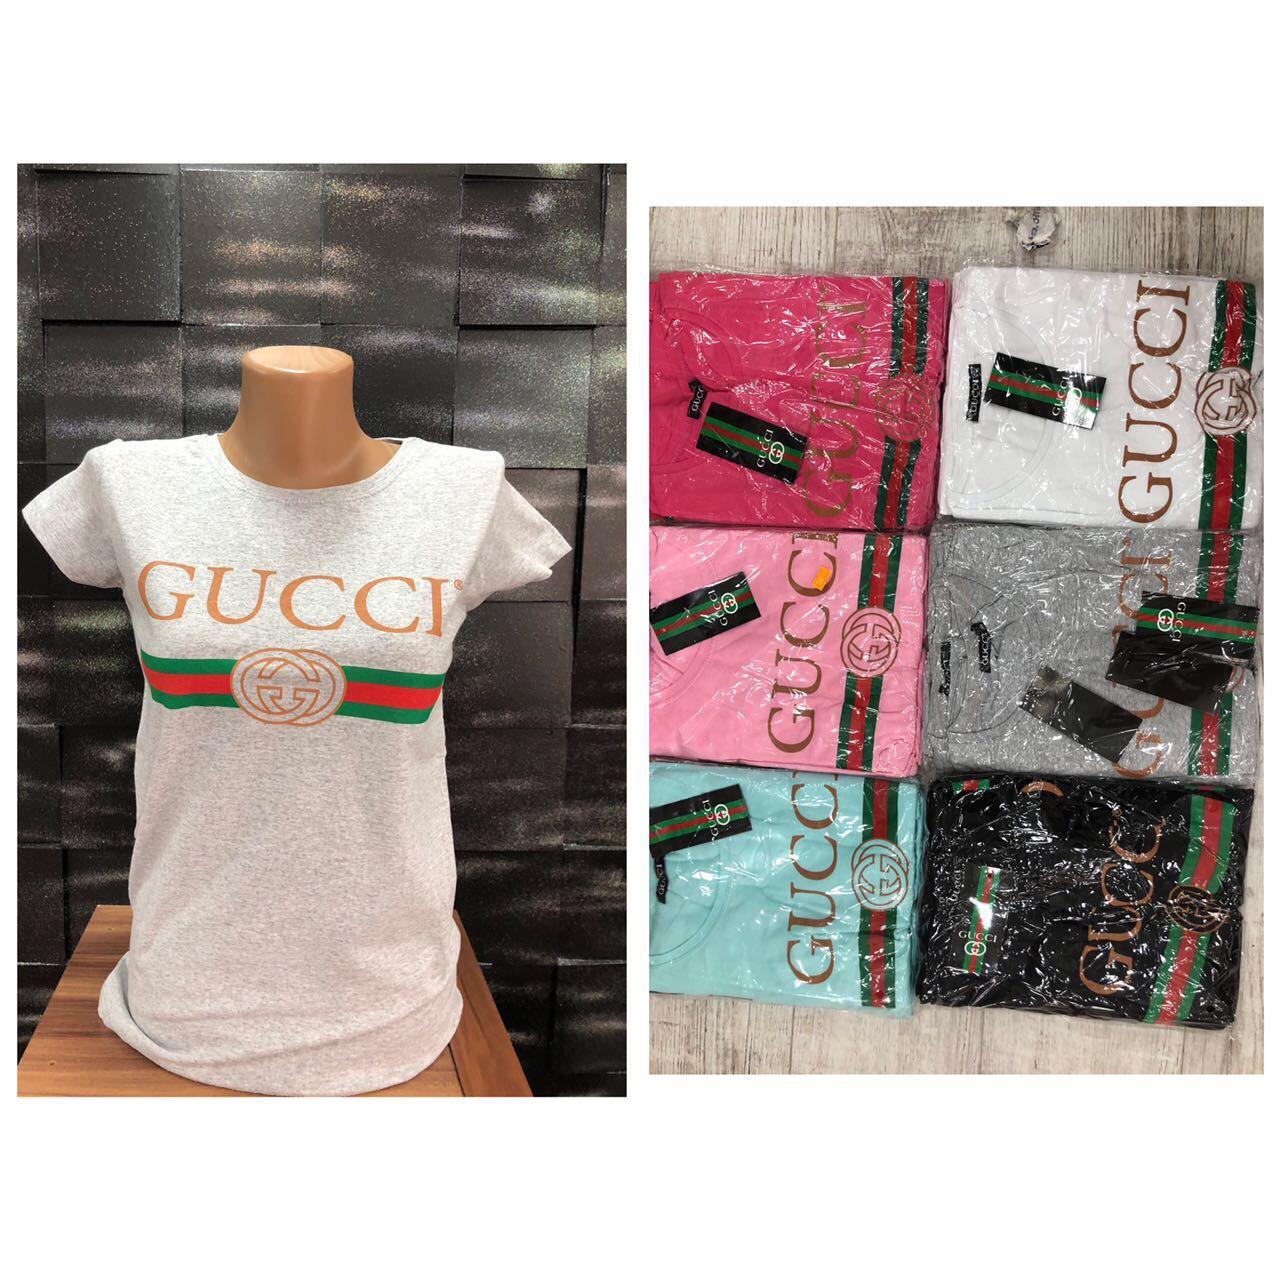 Футболка женская Gucci эмблема. Отличное качество, хлопок, Турция. Размеры с,м-л,хл, расцветки